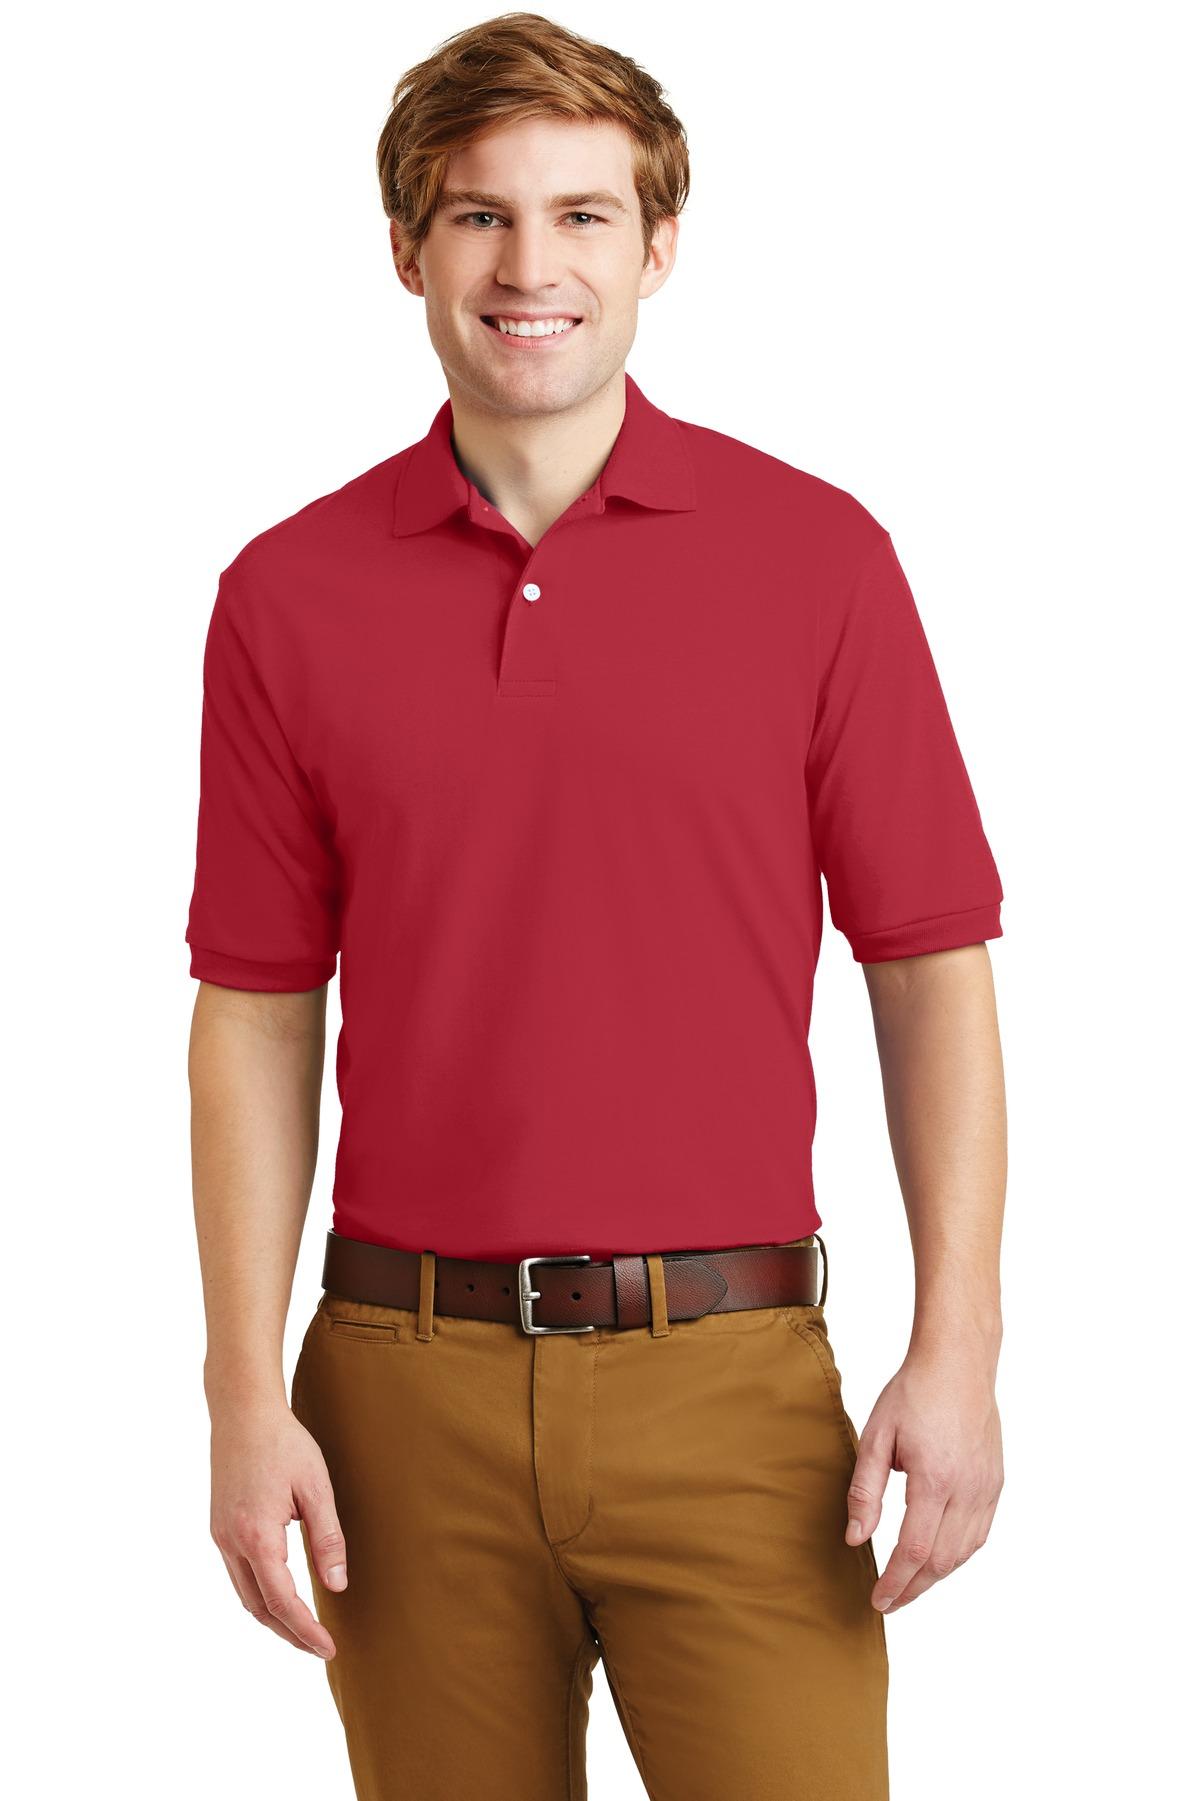 Jerzees® - SpotShield 5.6-Ounce Jersey Knit Sport Shirt.-